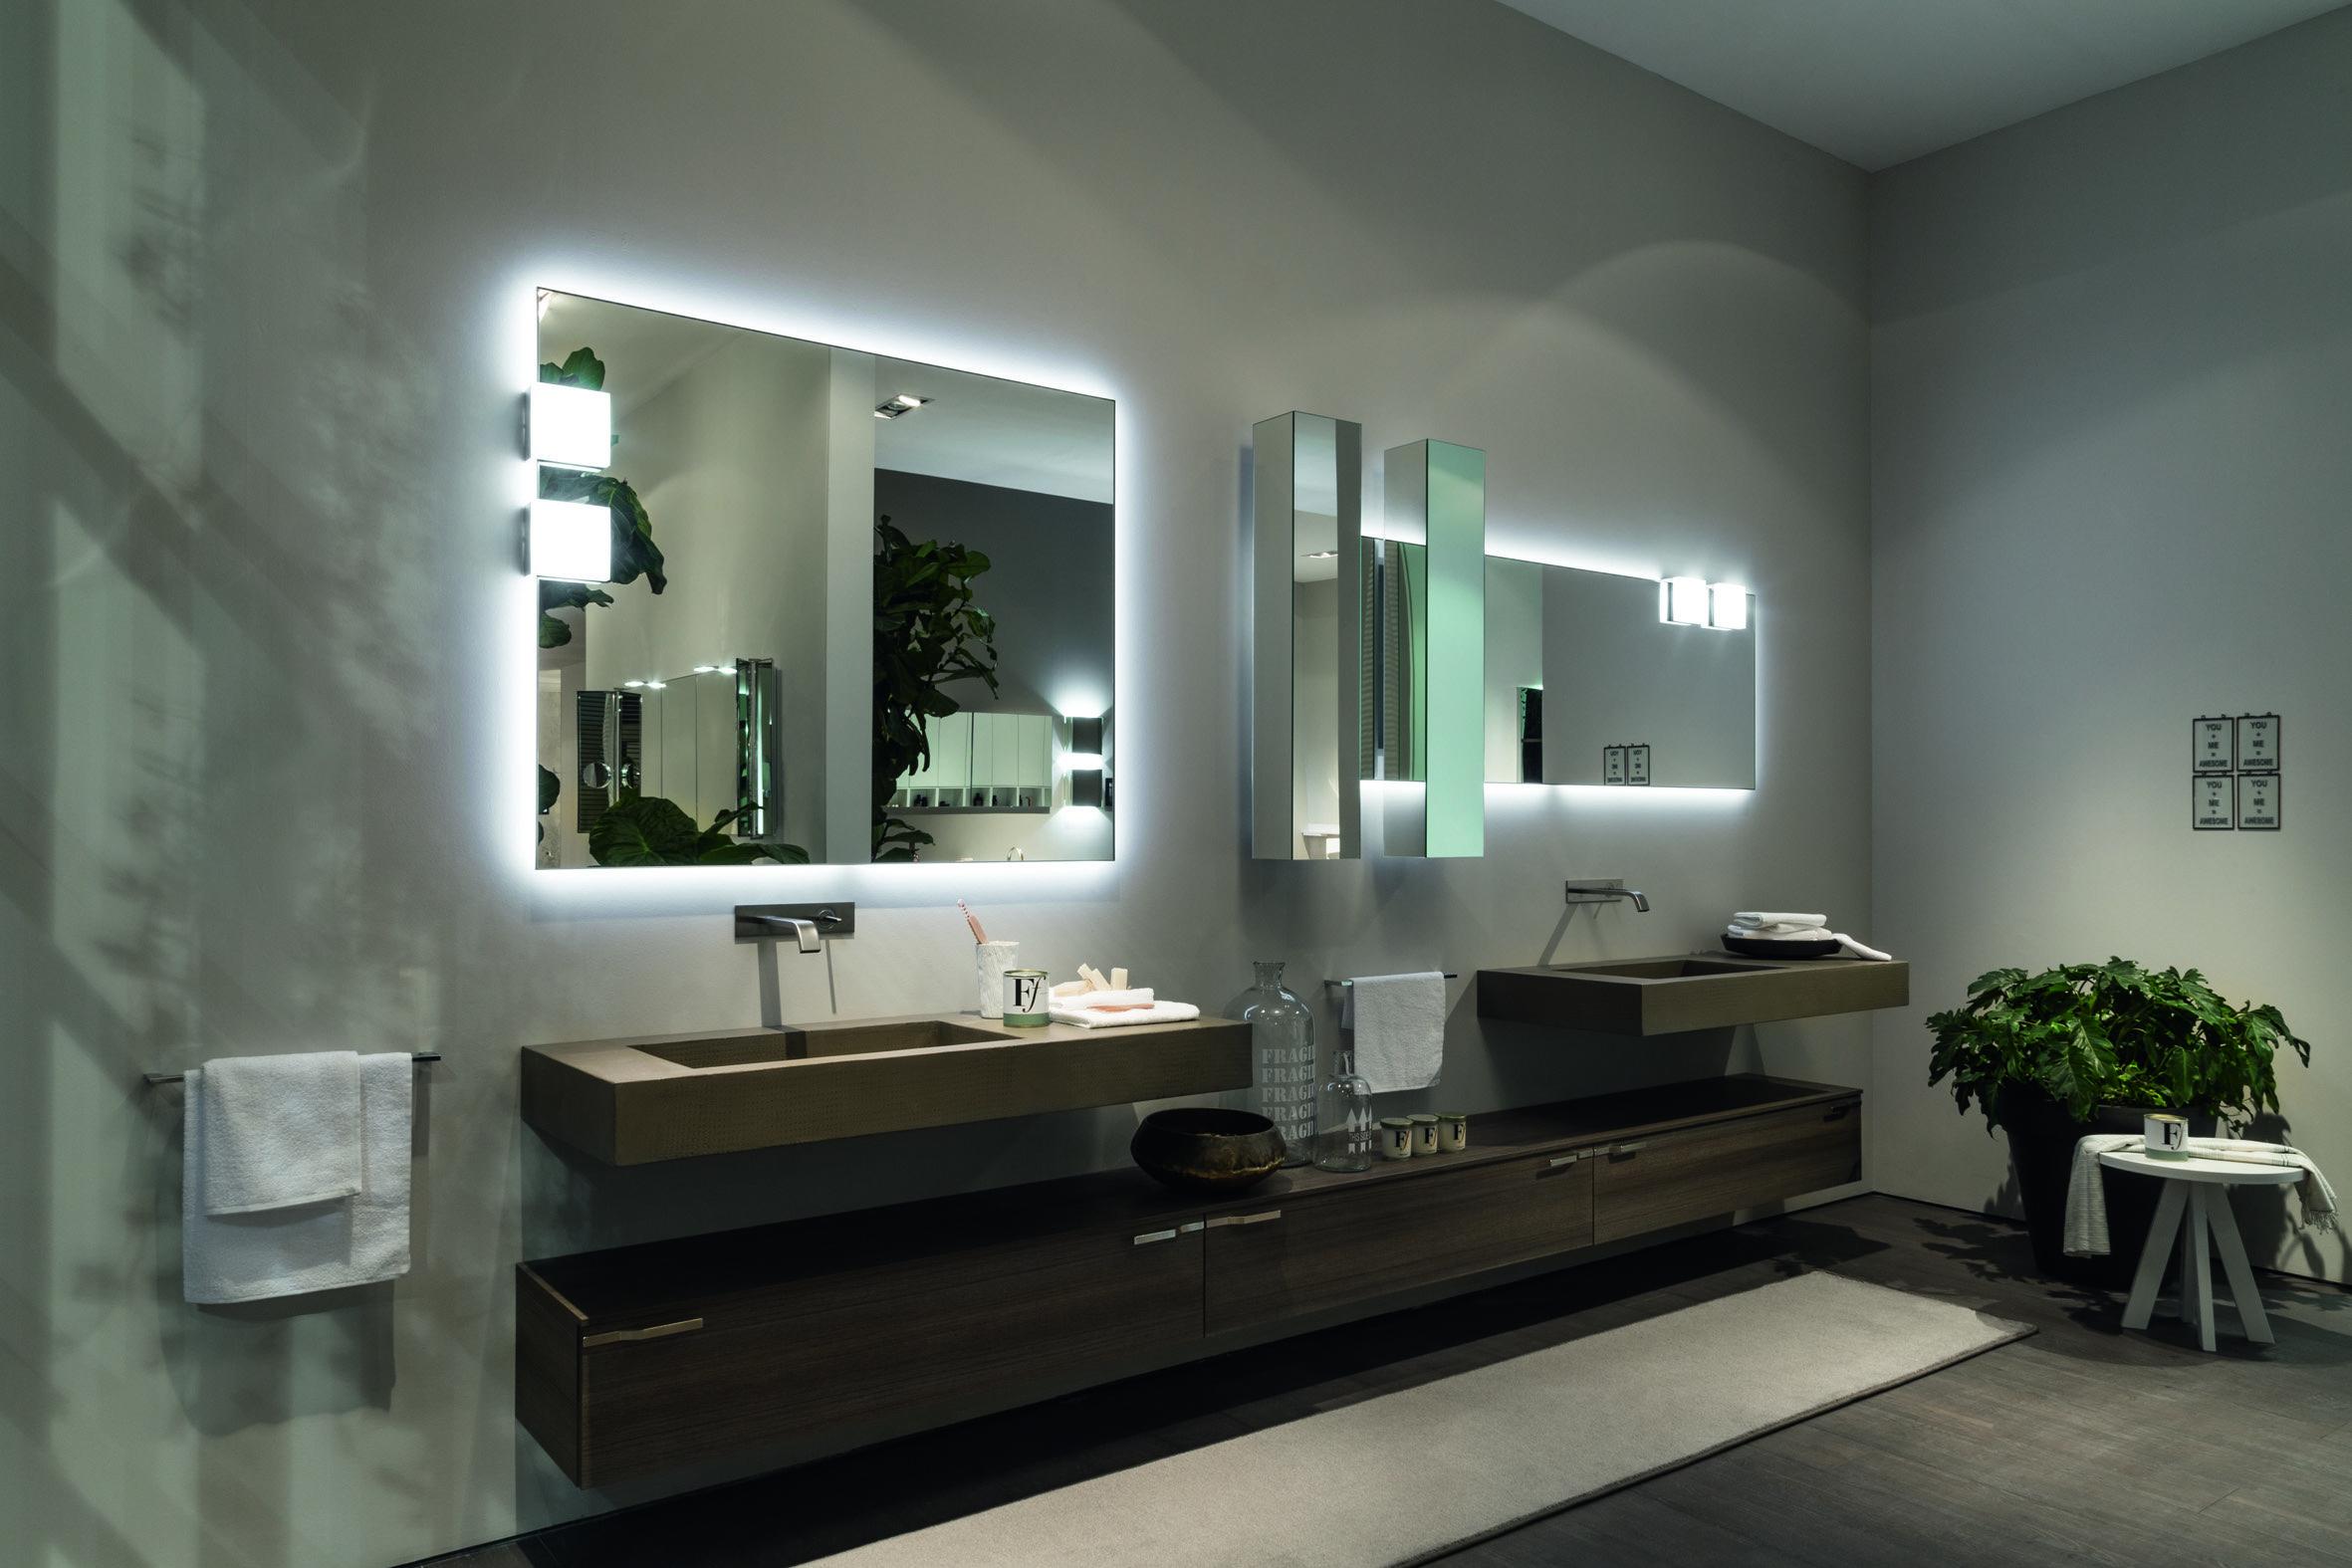 Arredo bagno flessibilit per la massima - Arredo bagno scavolini prezzi ...